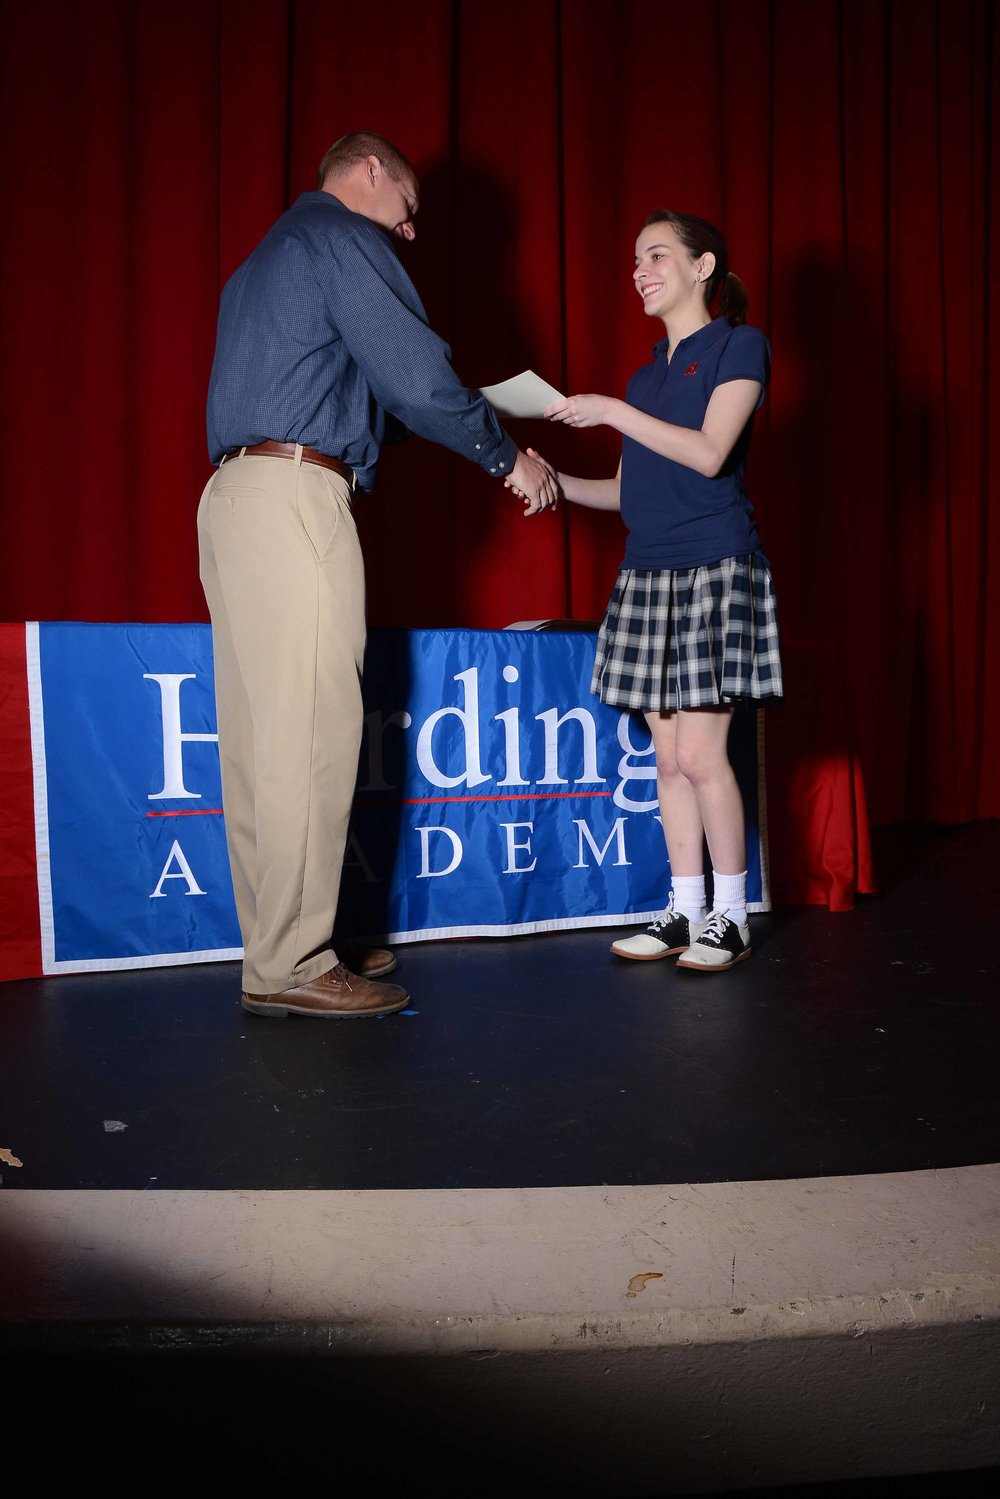 May2 AcademicAwards200.jpg